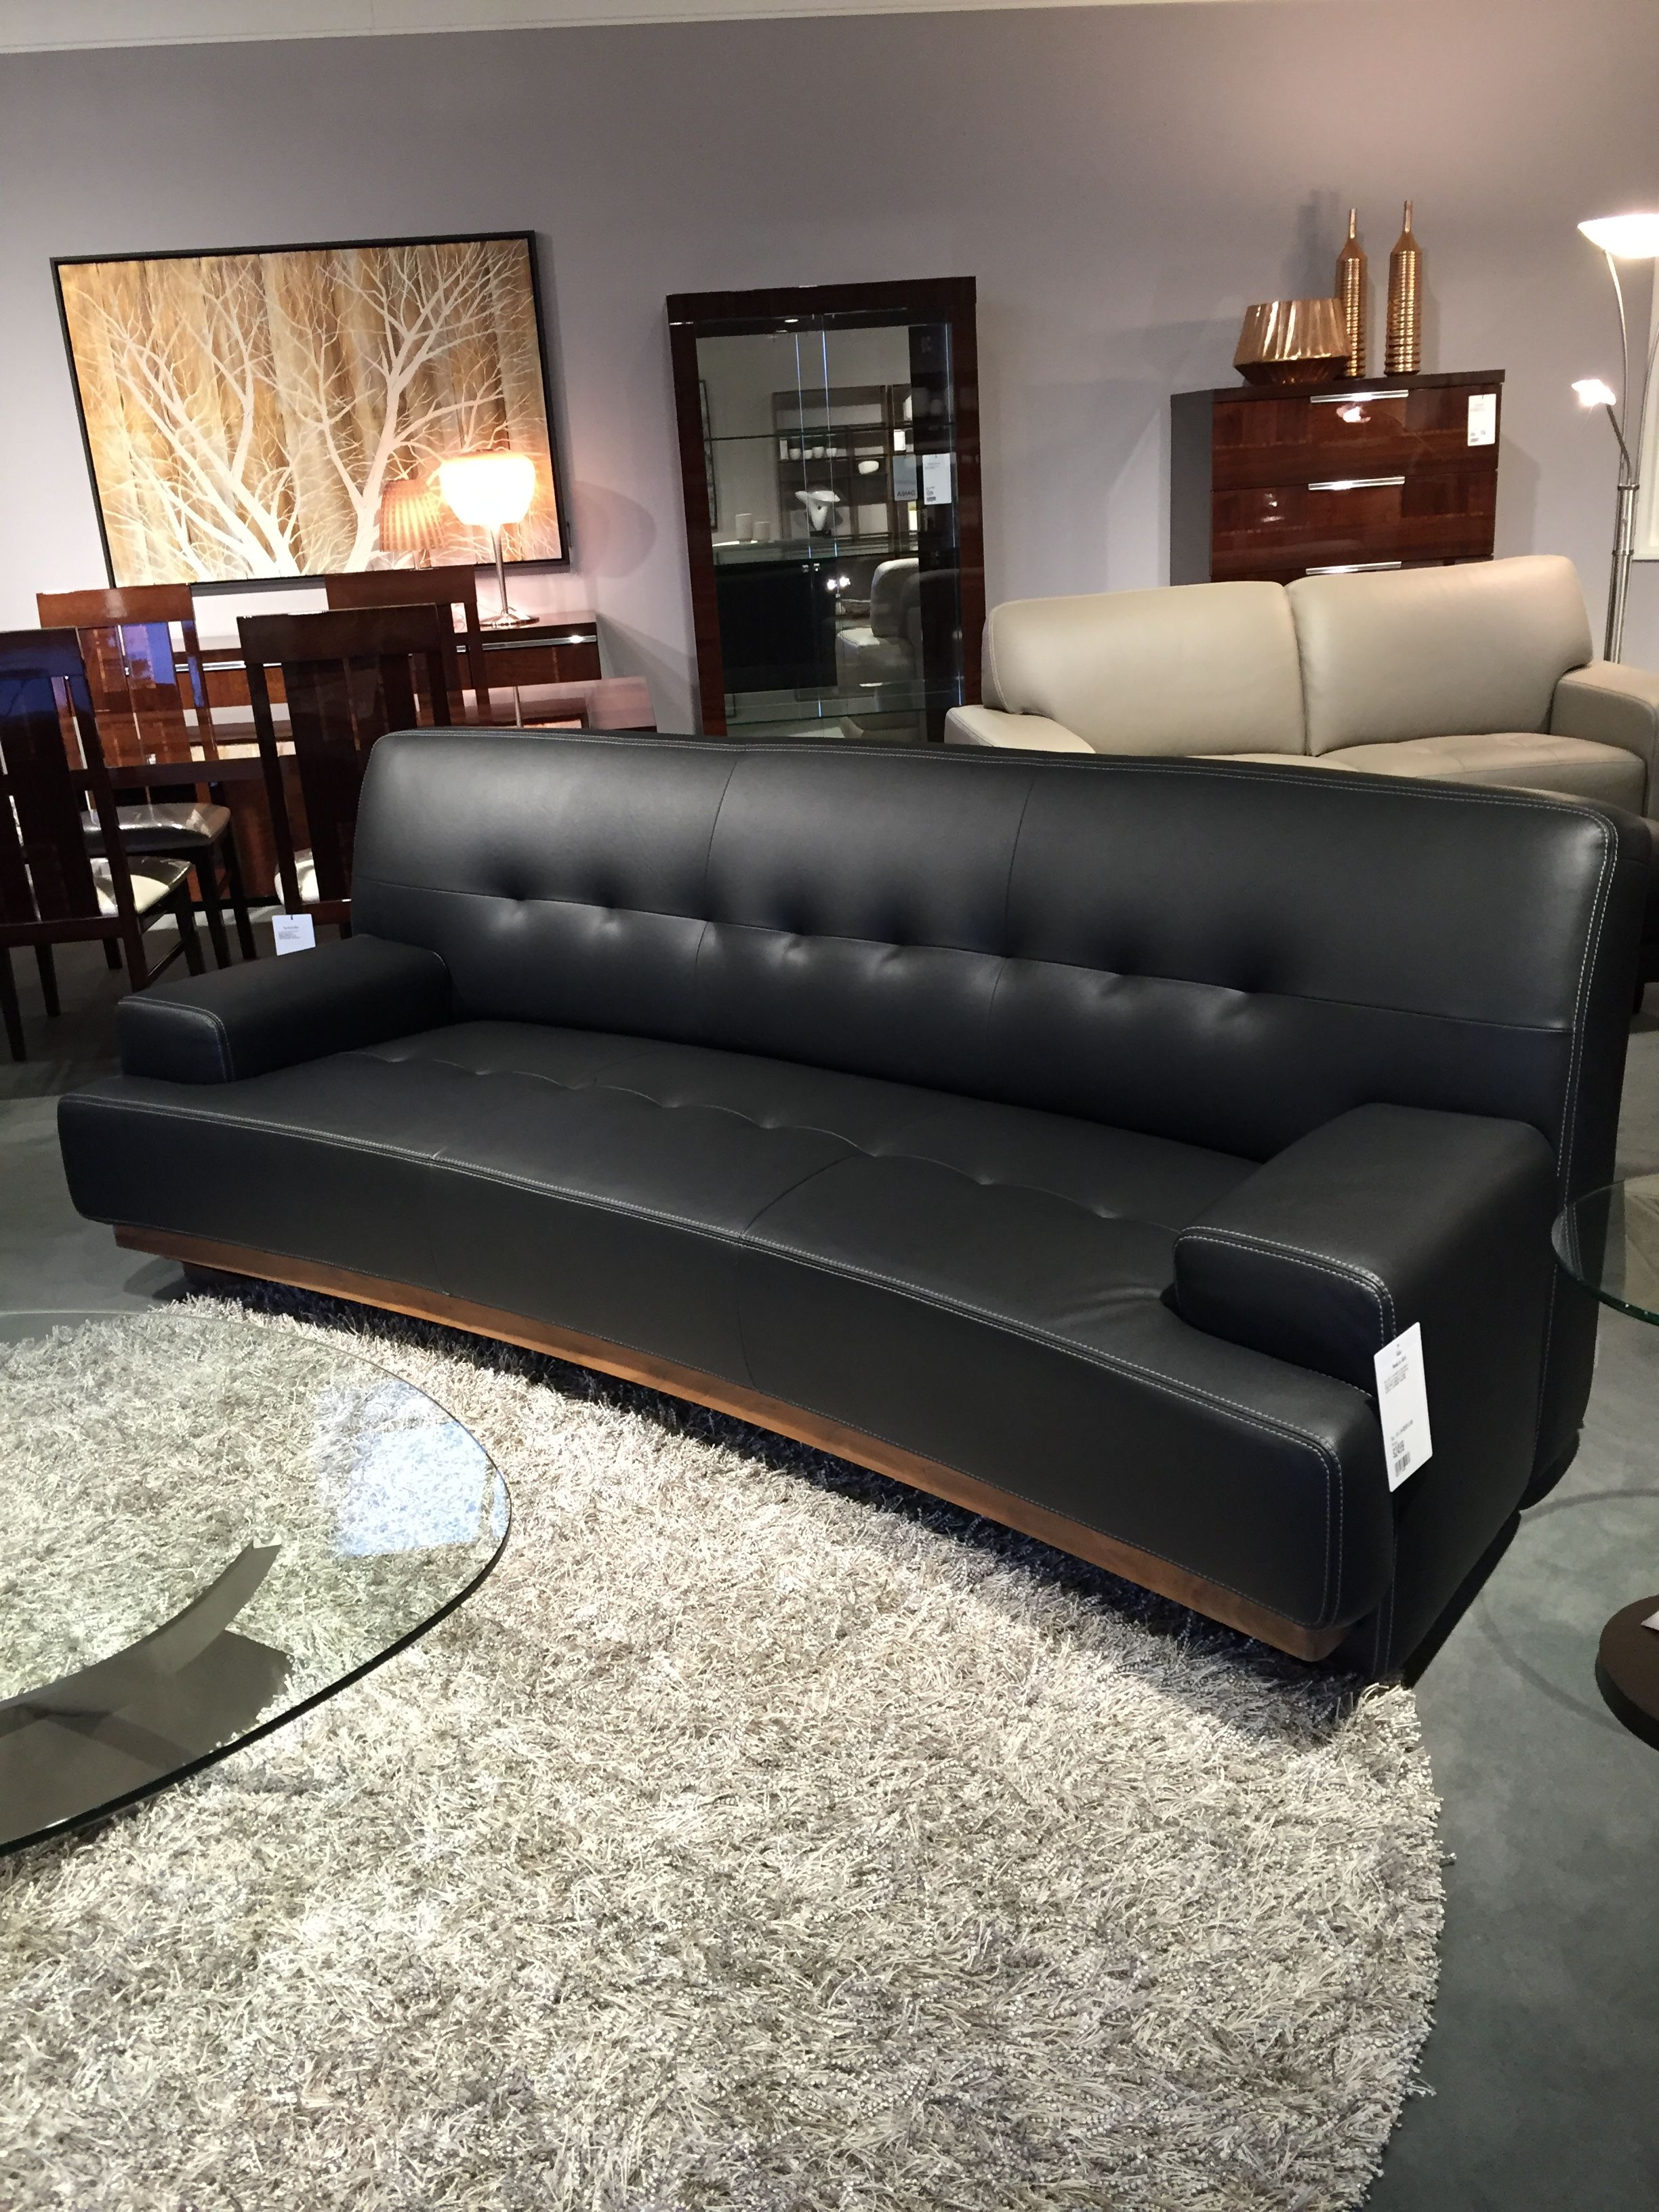 2500 Dania Mandalay Sofa Leather And Walnut Leather Sofa Home Decor